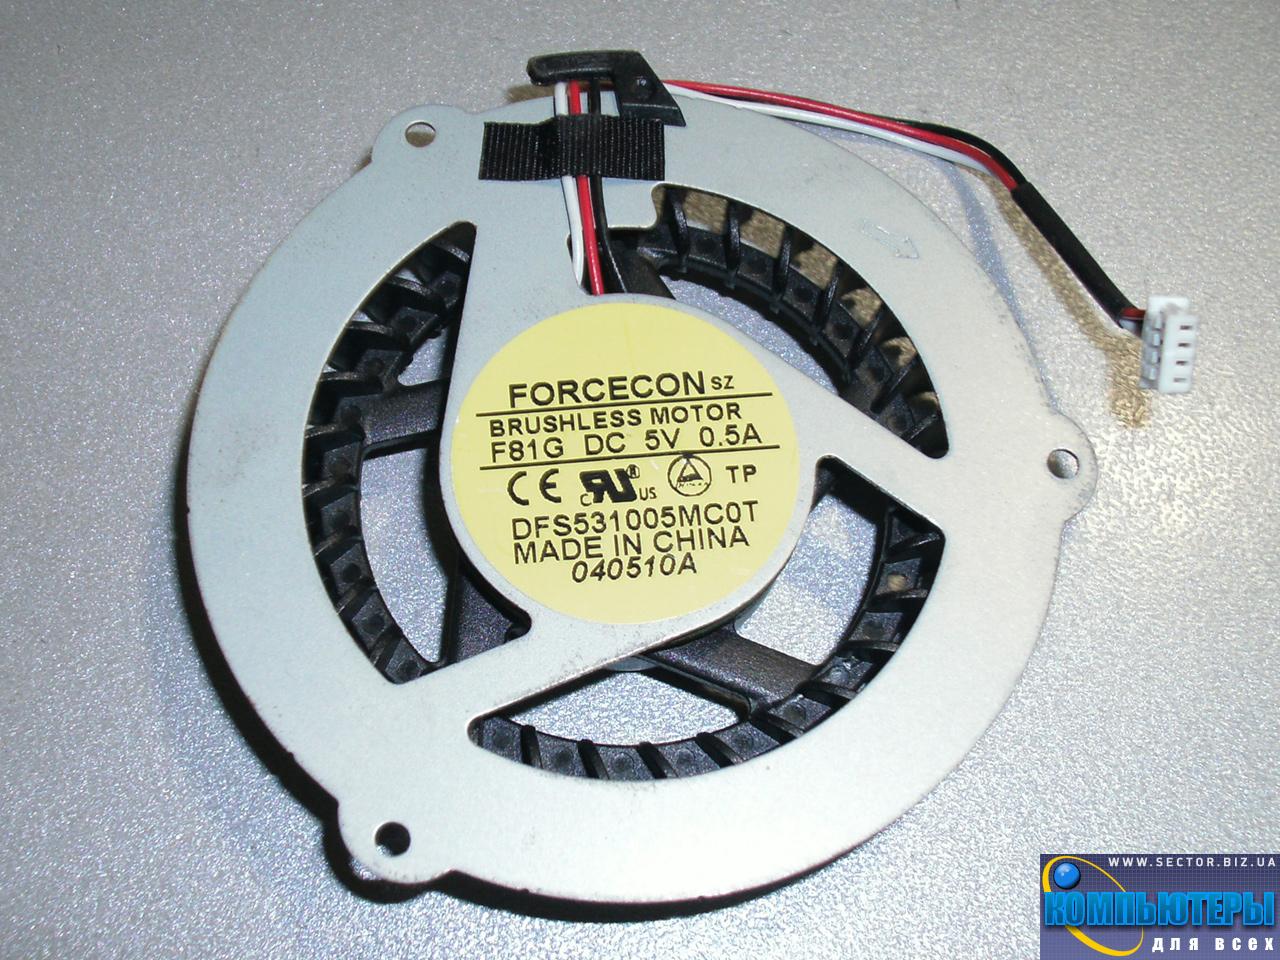 Кулер к ноутбуку Samsung R425 R463 R467 R468 R470 R517 R518 p/n: DFS531005MC0T F81G. Фото № 4.